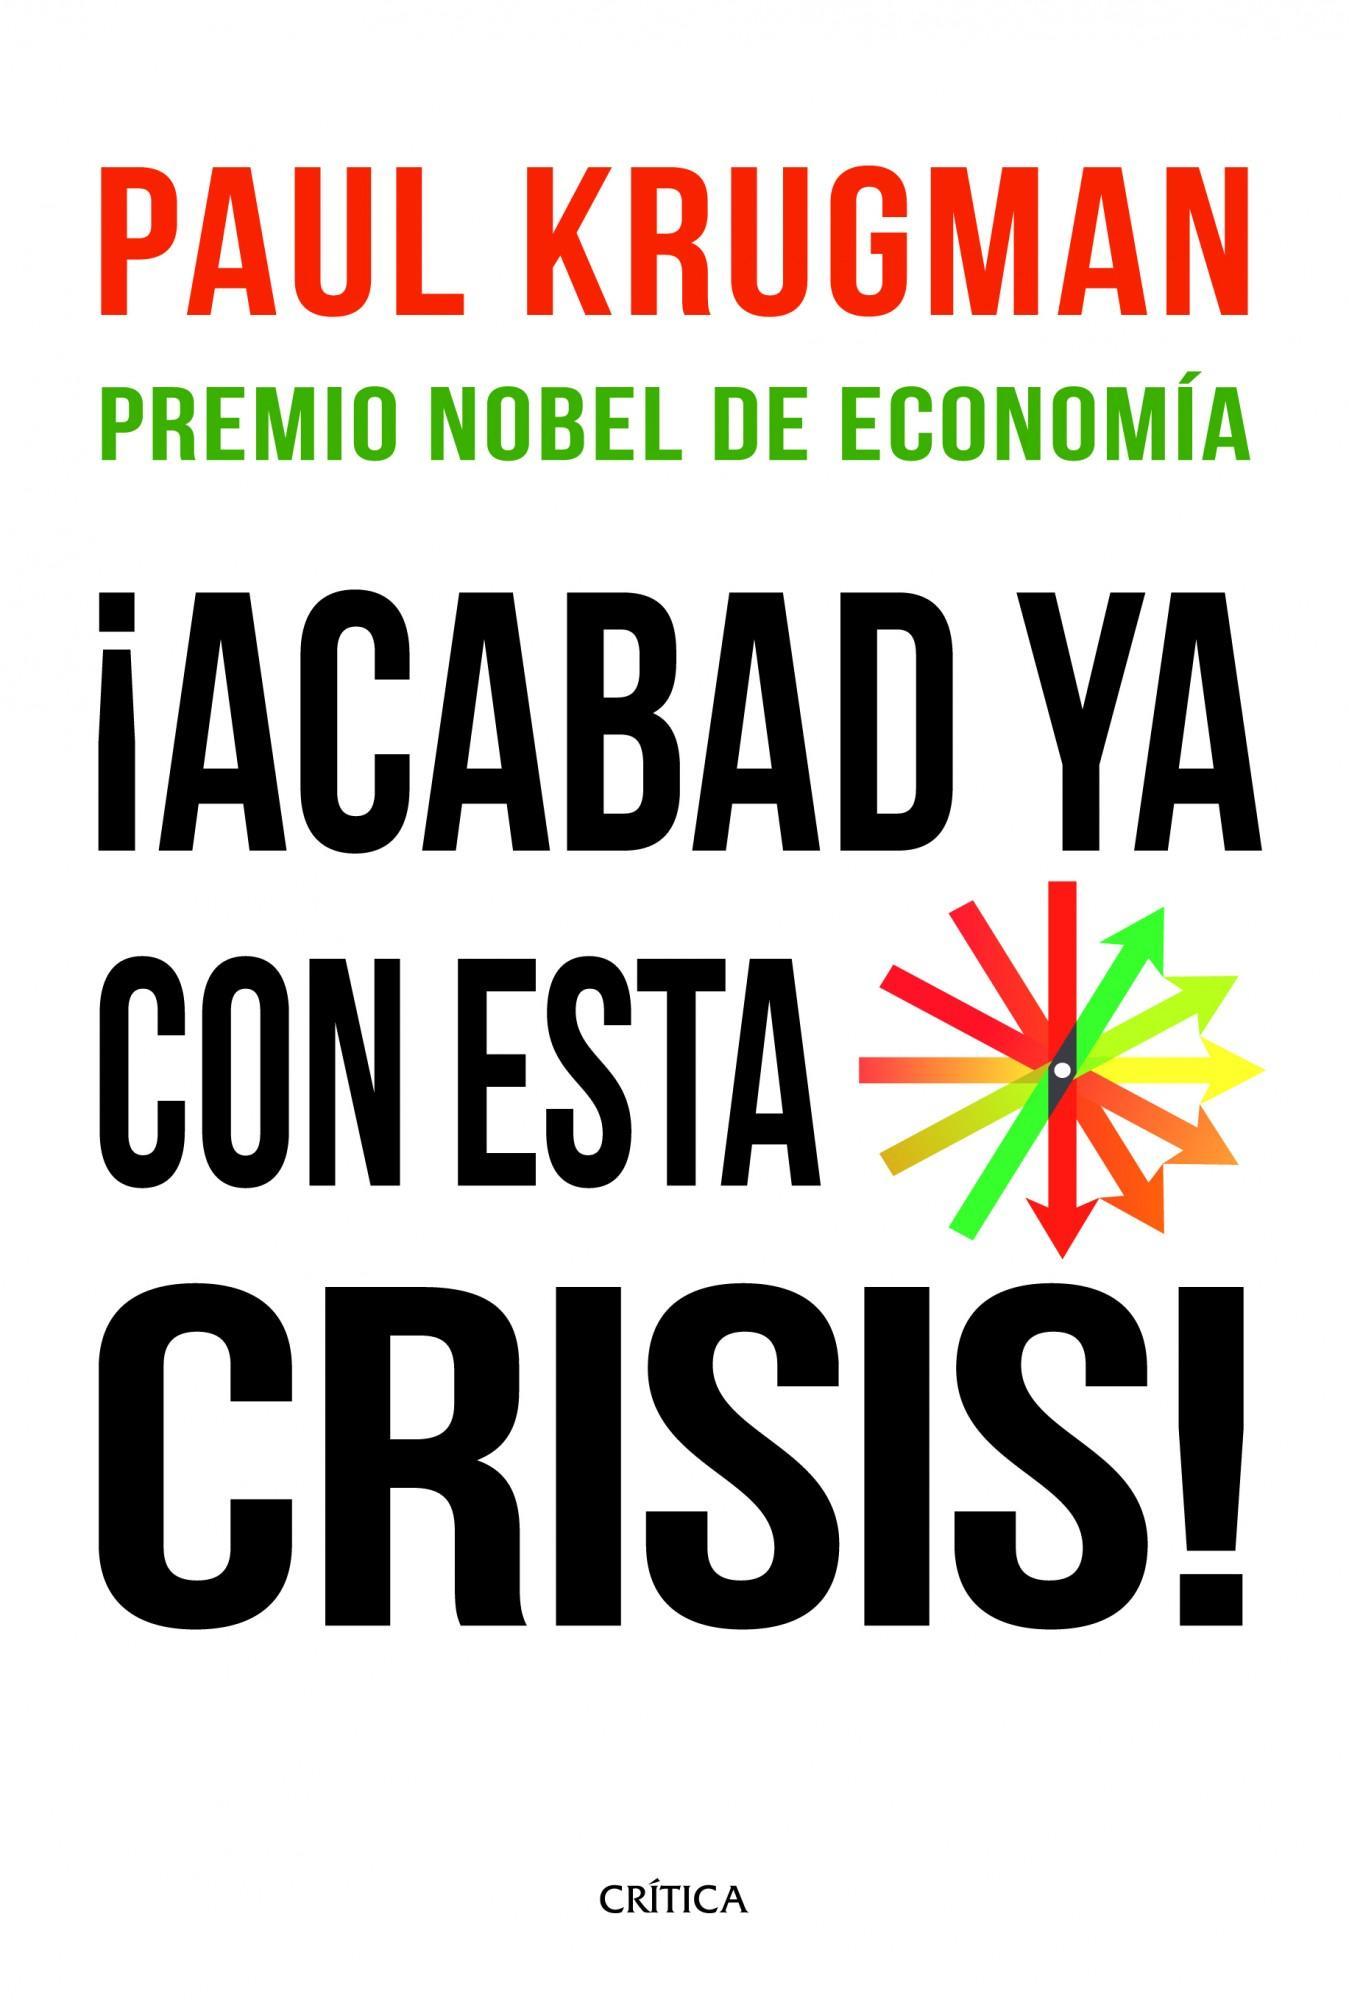 ¡Acabad ya con esta crisis!